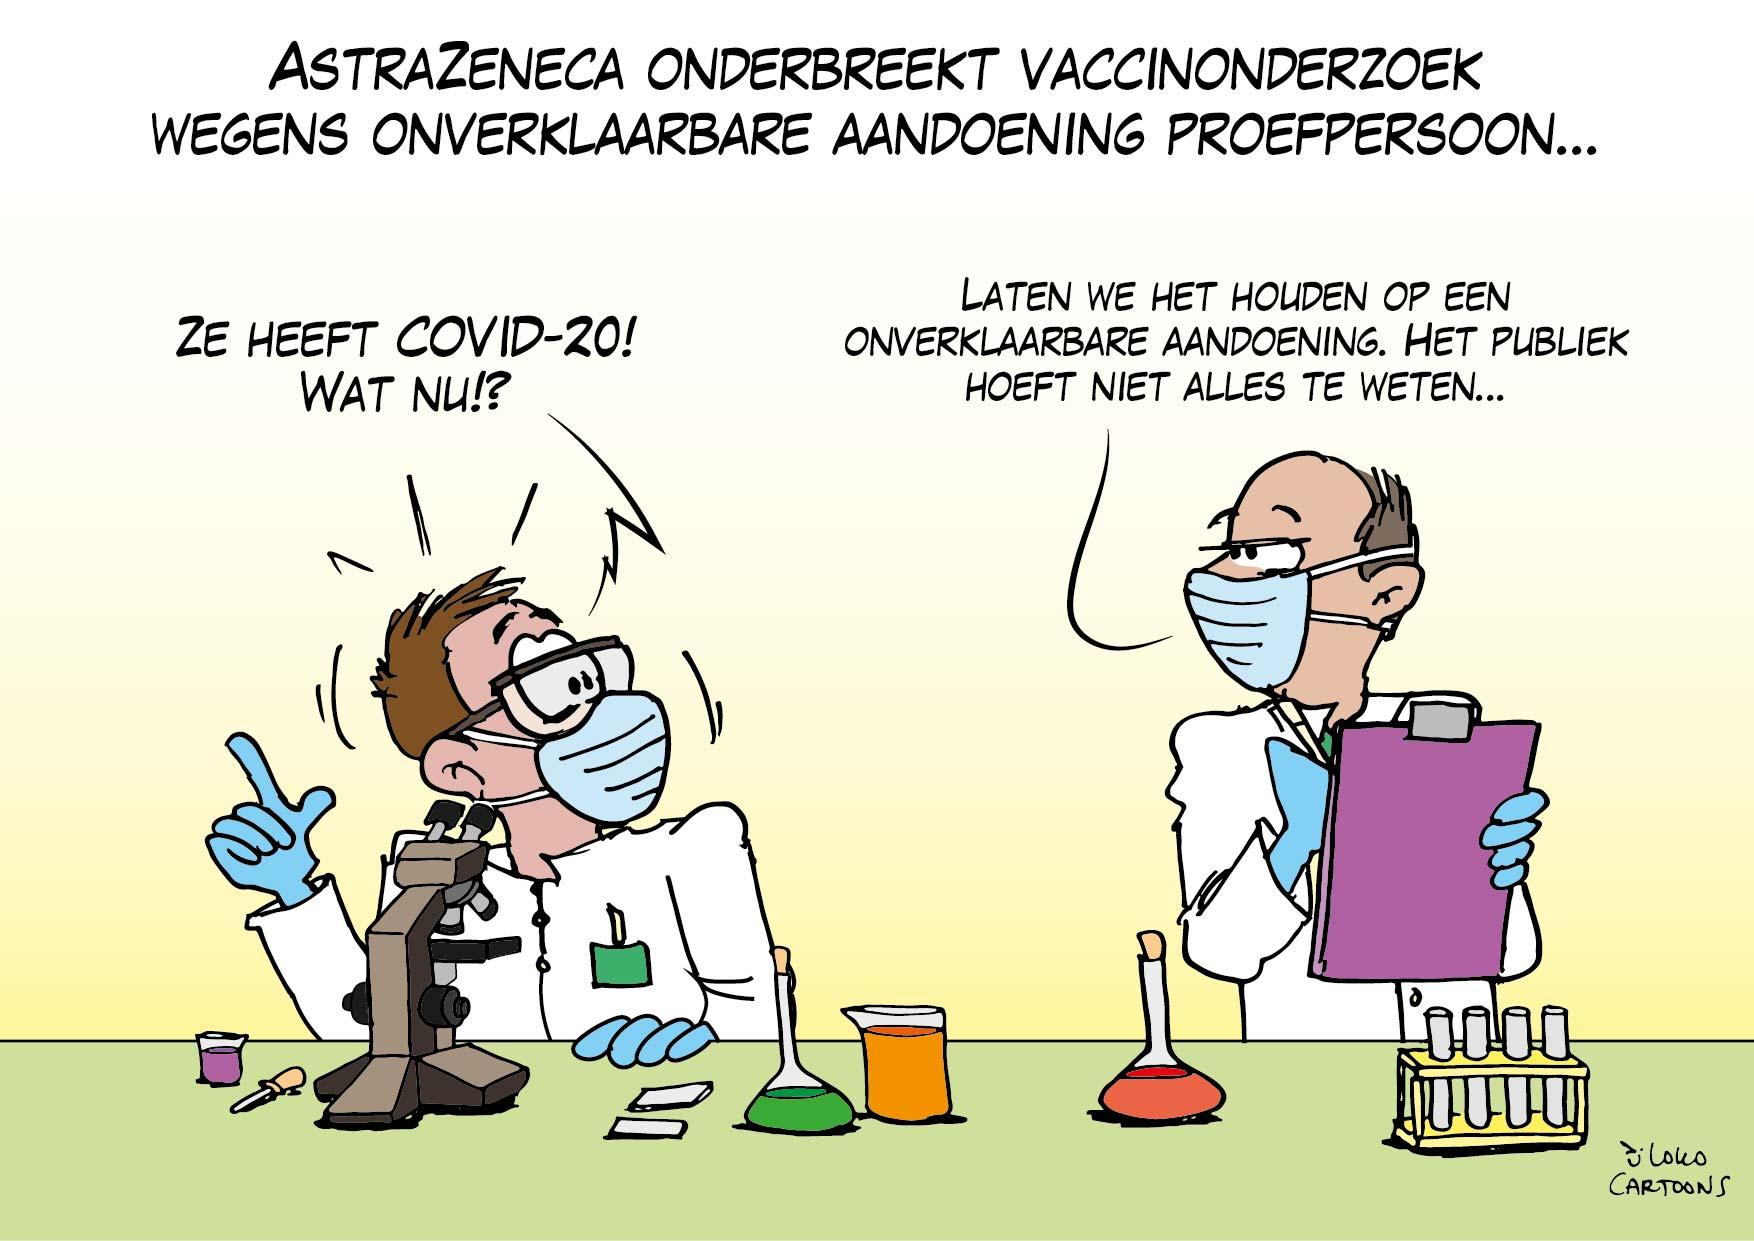 AstraZeneca onderbreekt vaccinonderzoek wegens onverklaarbare aandoening proefpersoon…